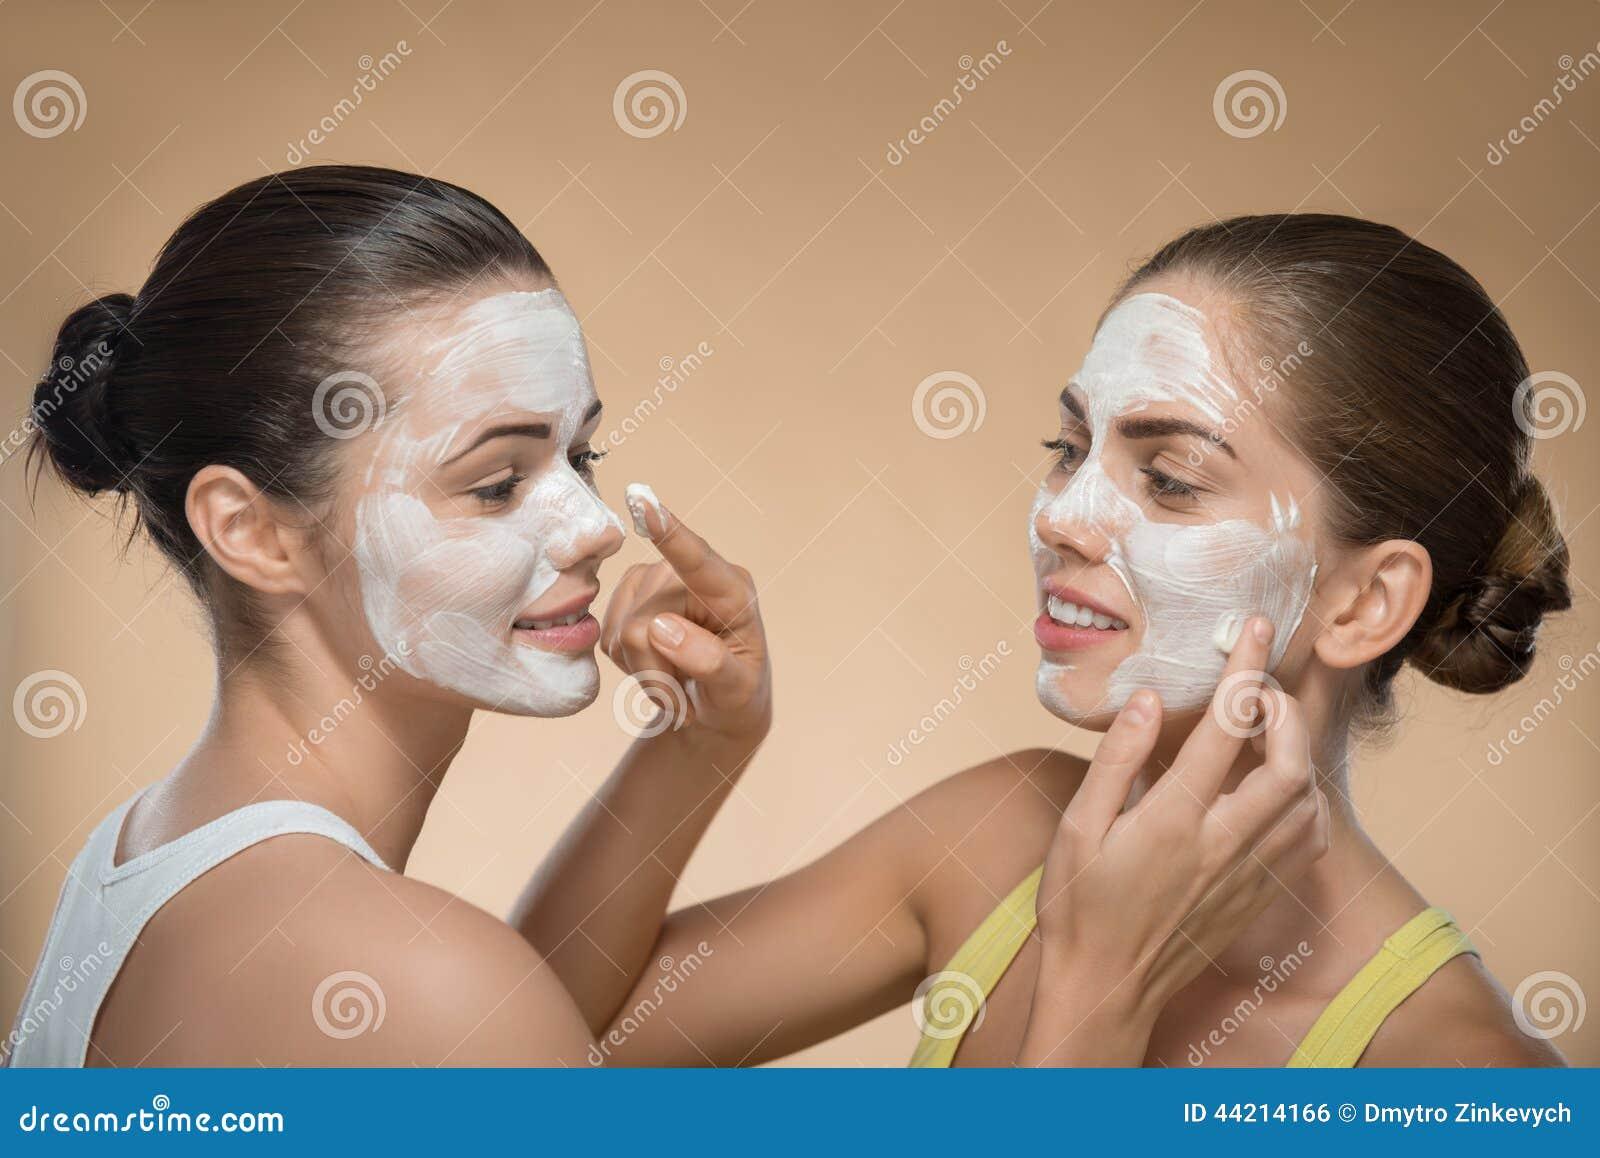 2 girls facial